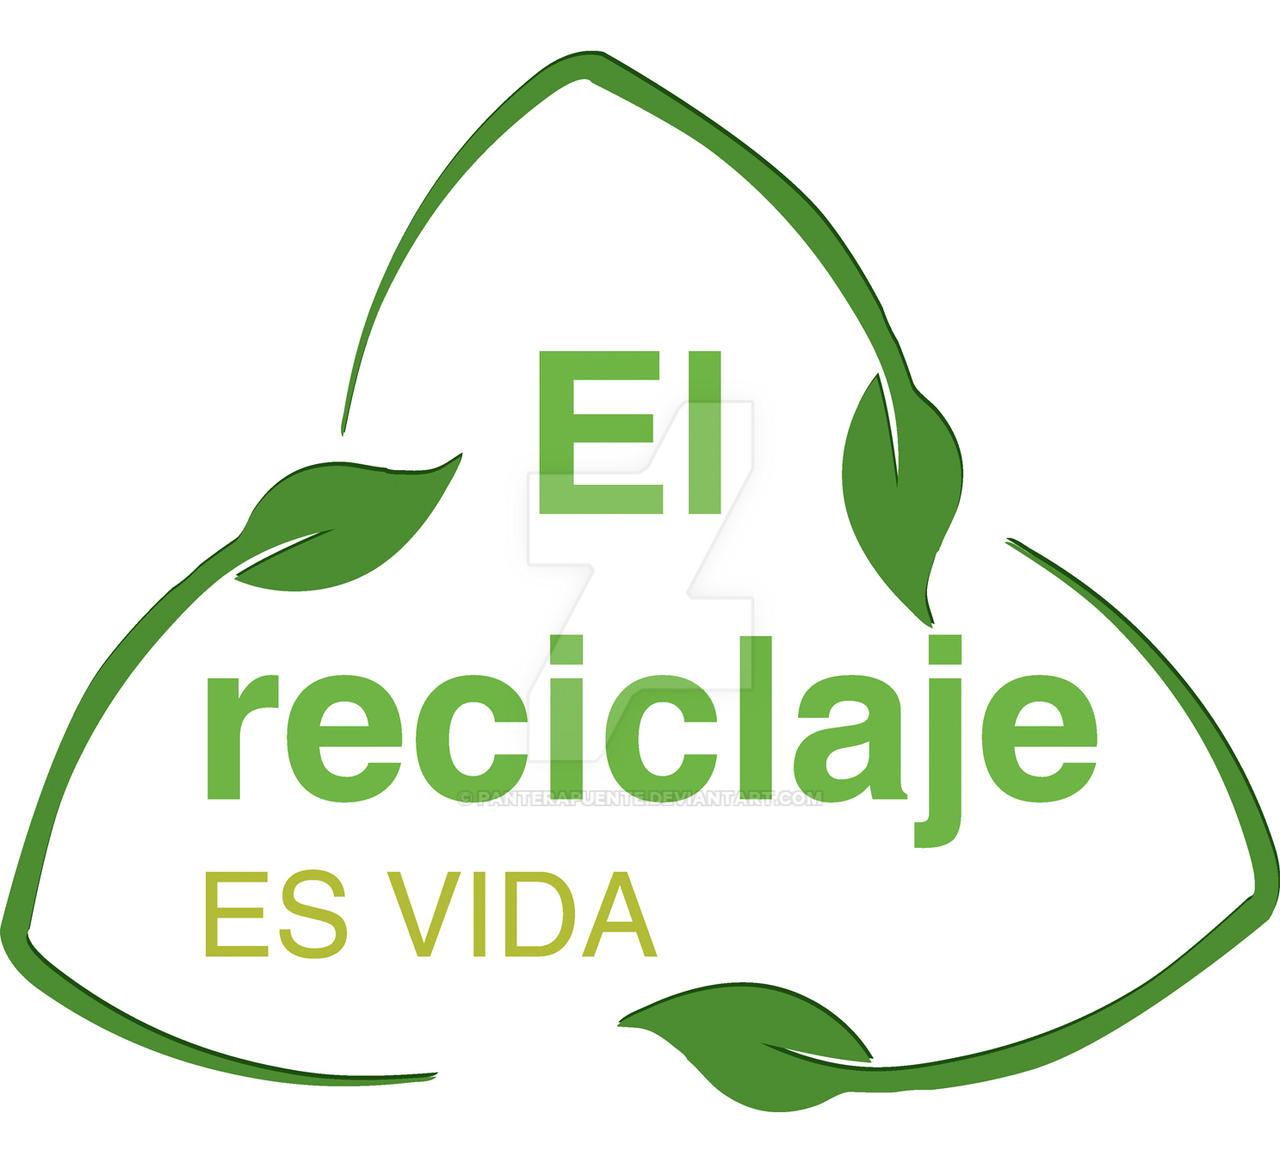 El Reciclaje es VIDA by panterapuente on DeviantArt